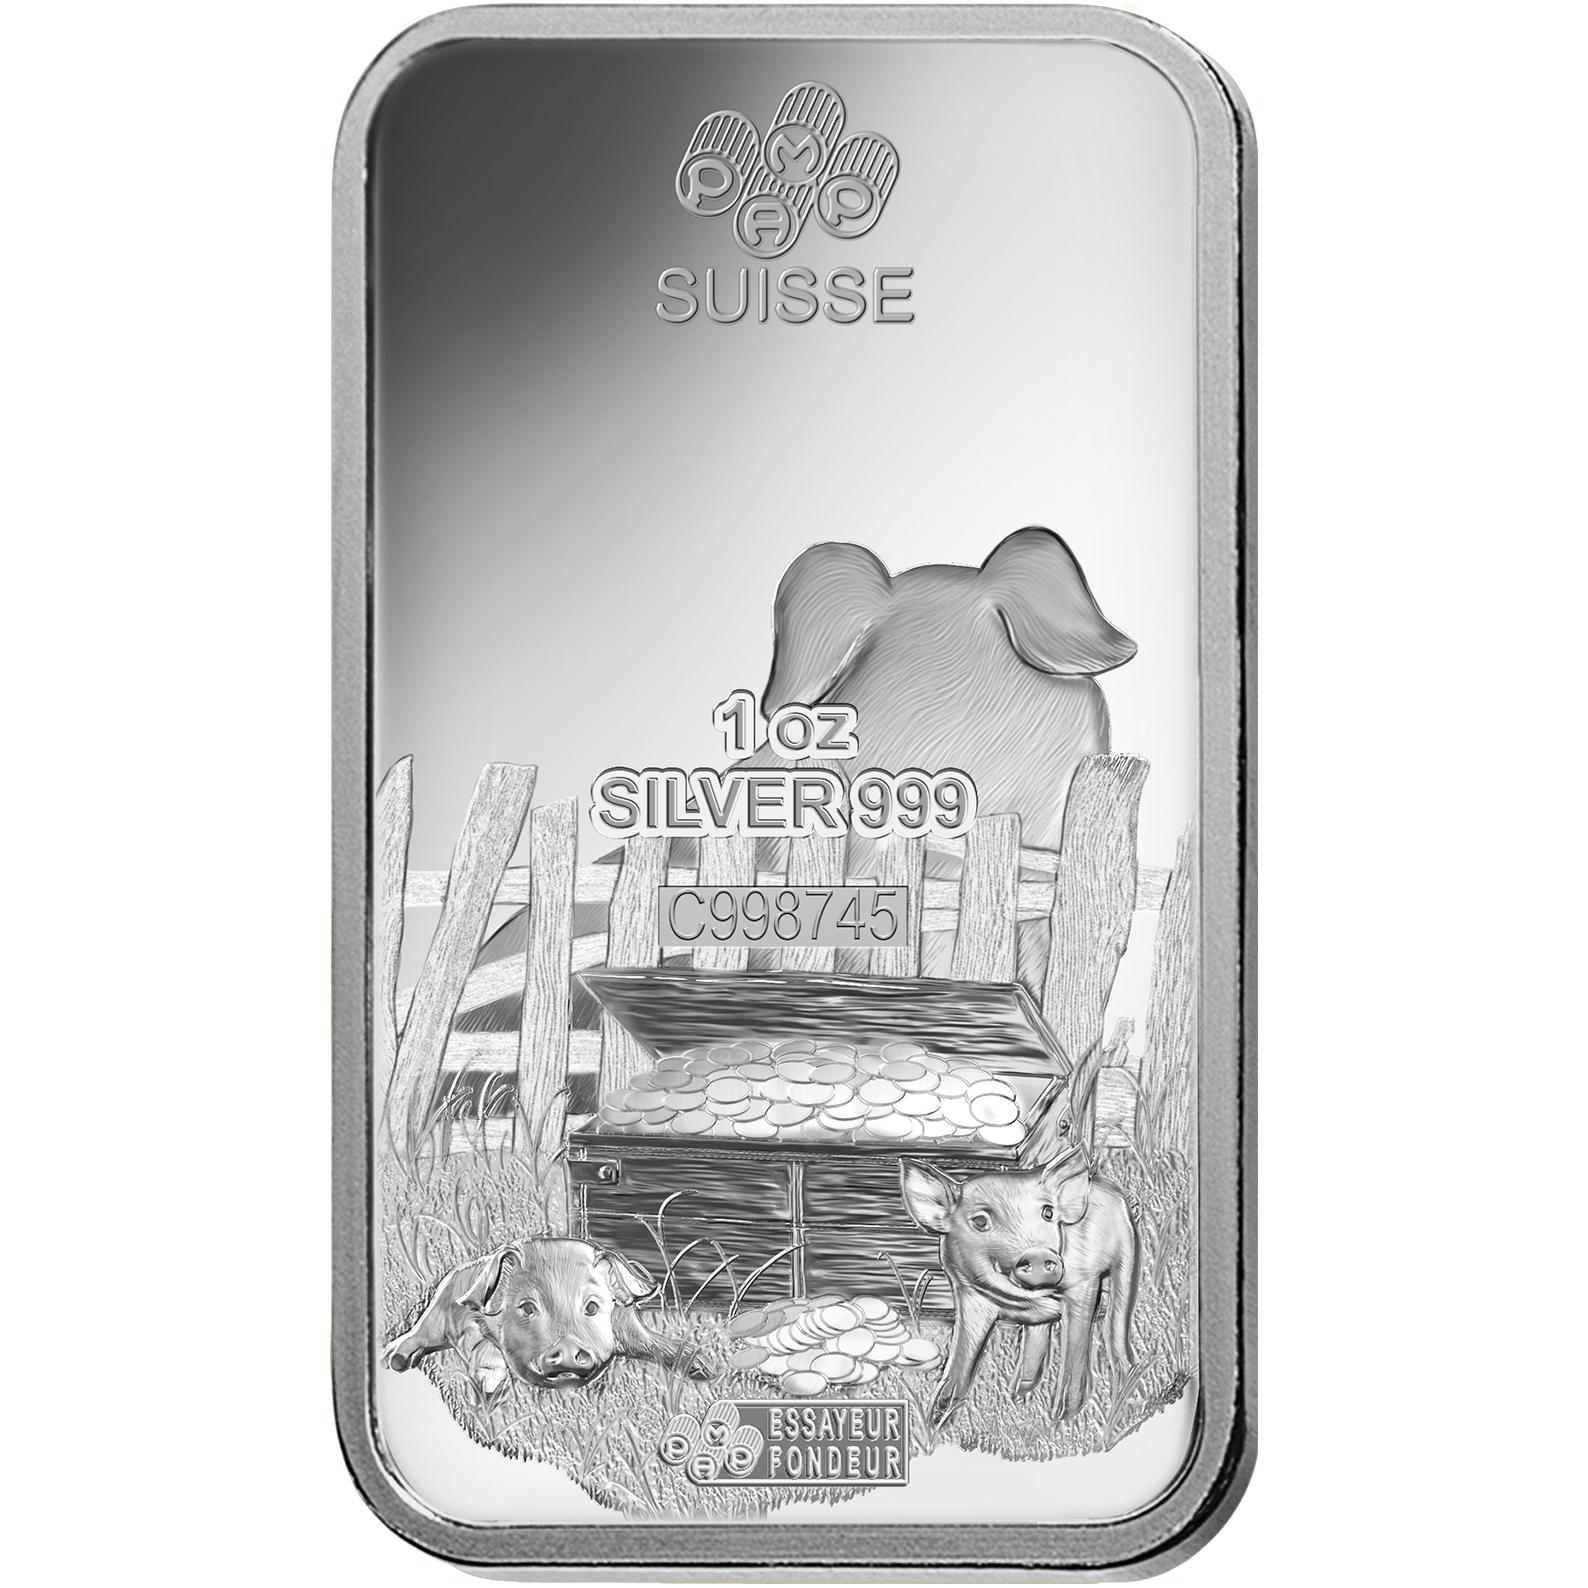 1 oncia lingottino d'argento - PAMP Suisse Maiale Lunare